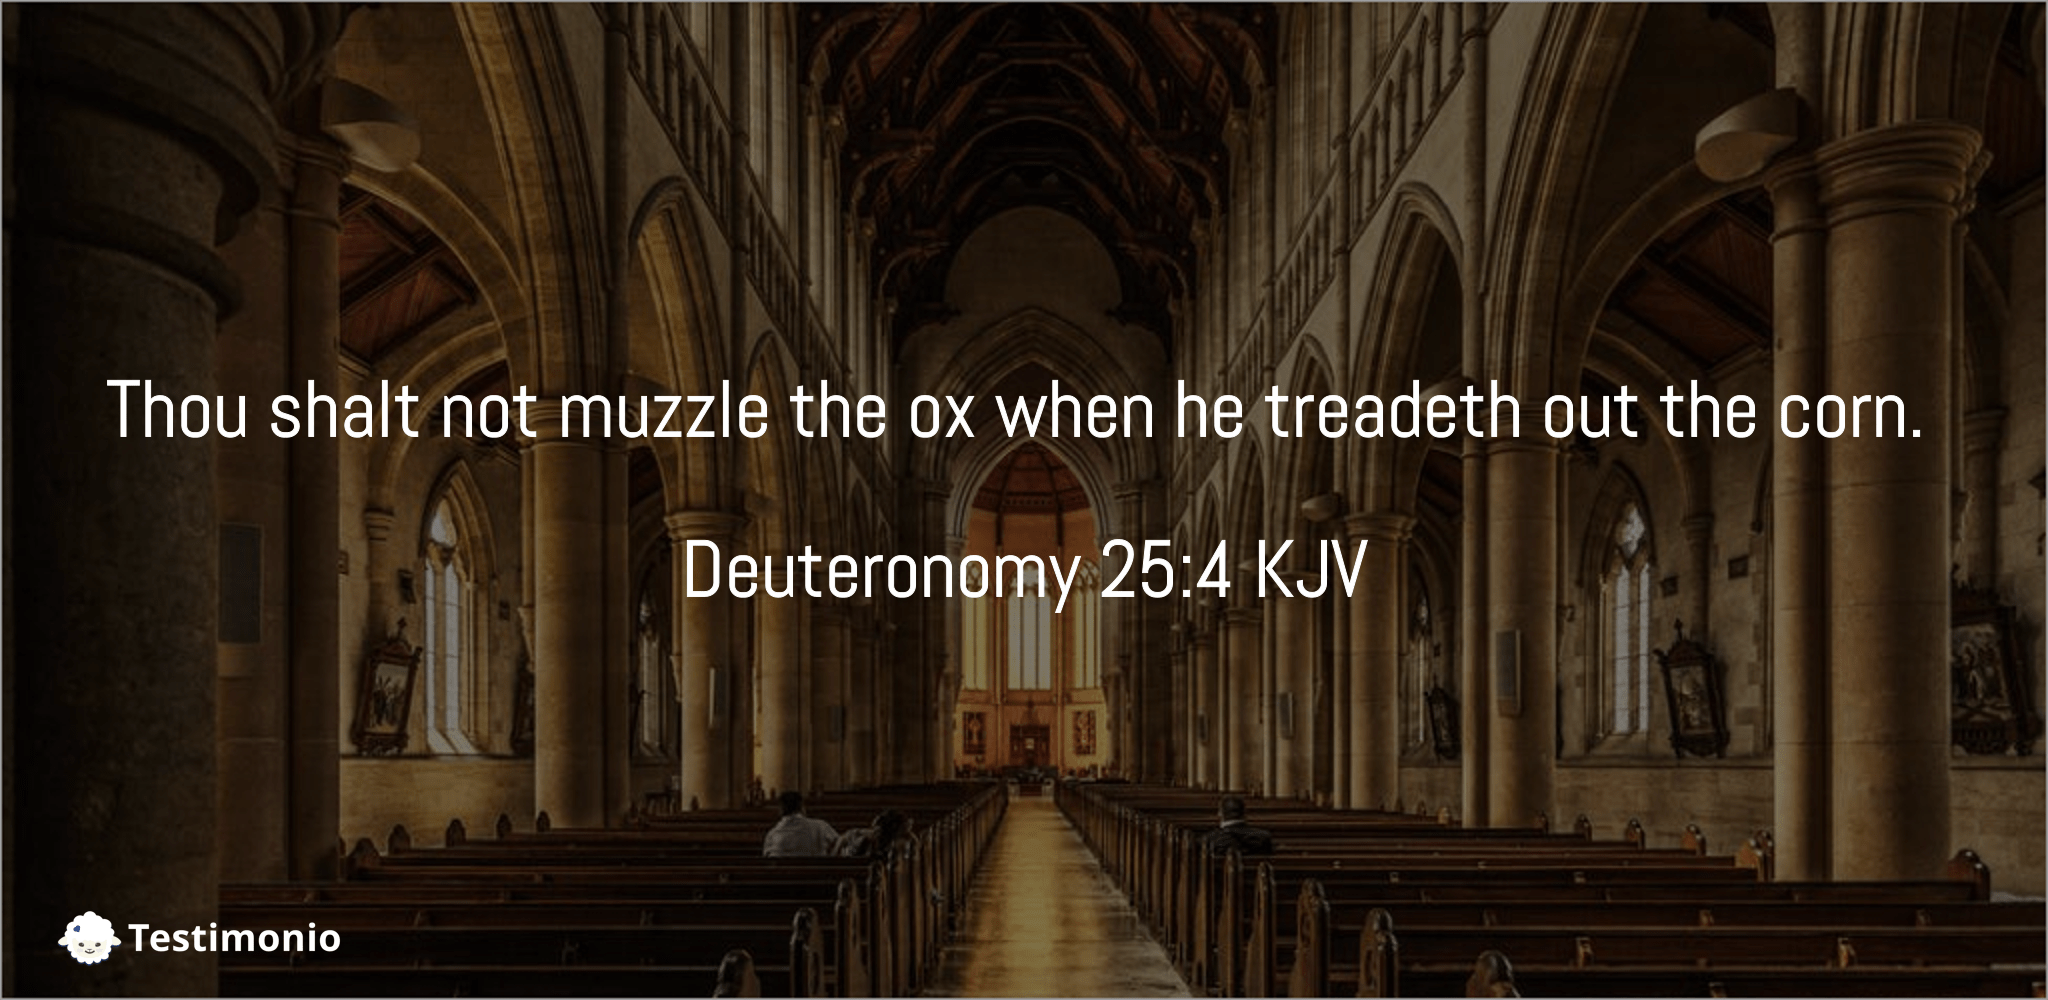 Deuteronomy 25:4